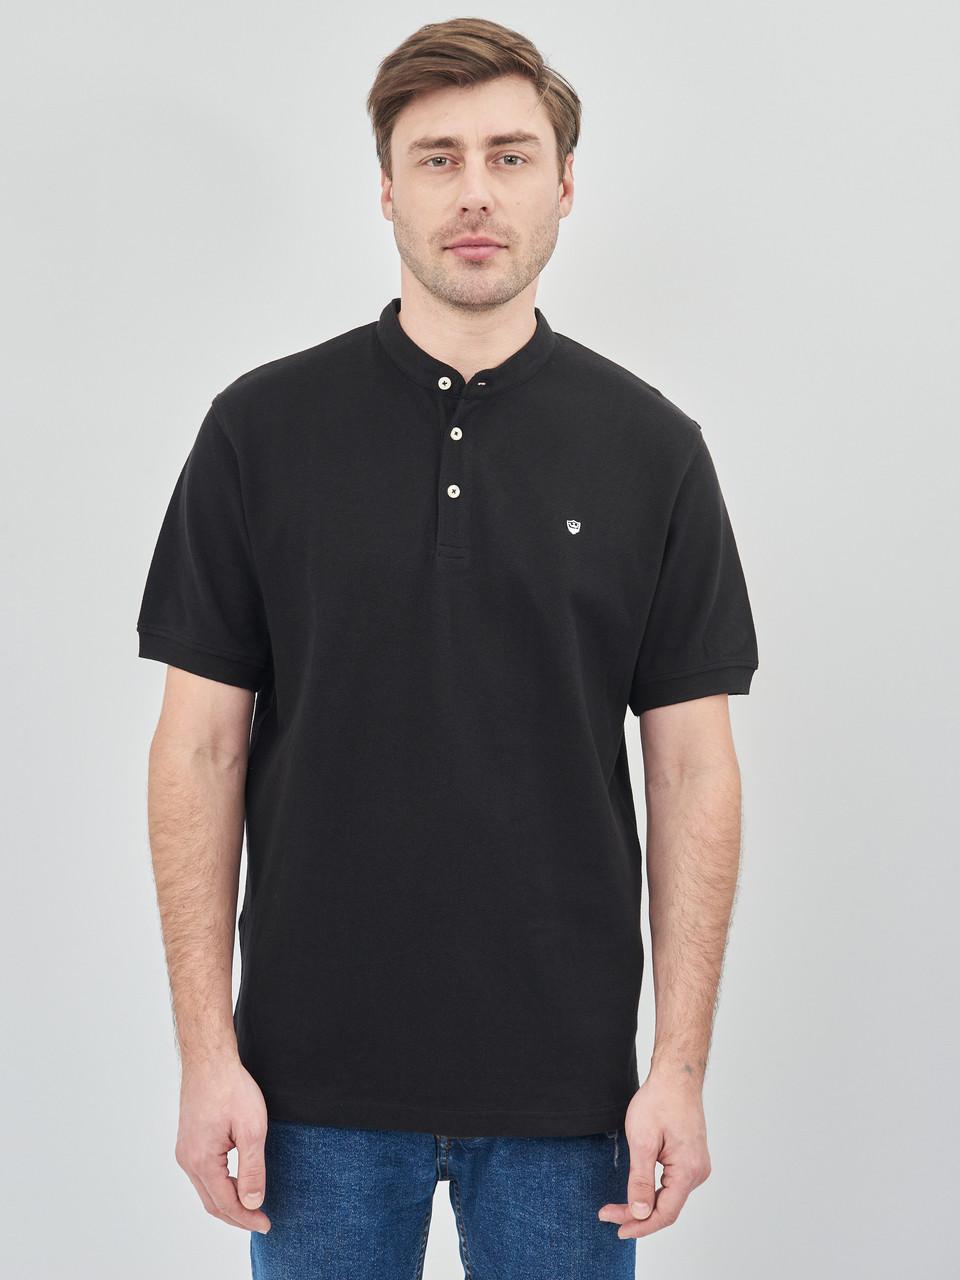 Поло мужское Zara черное (9240 352 800)